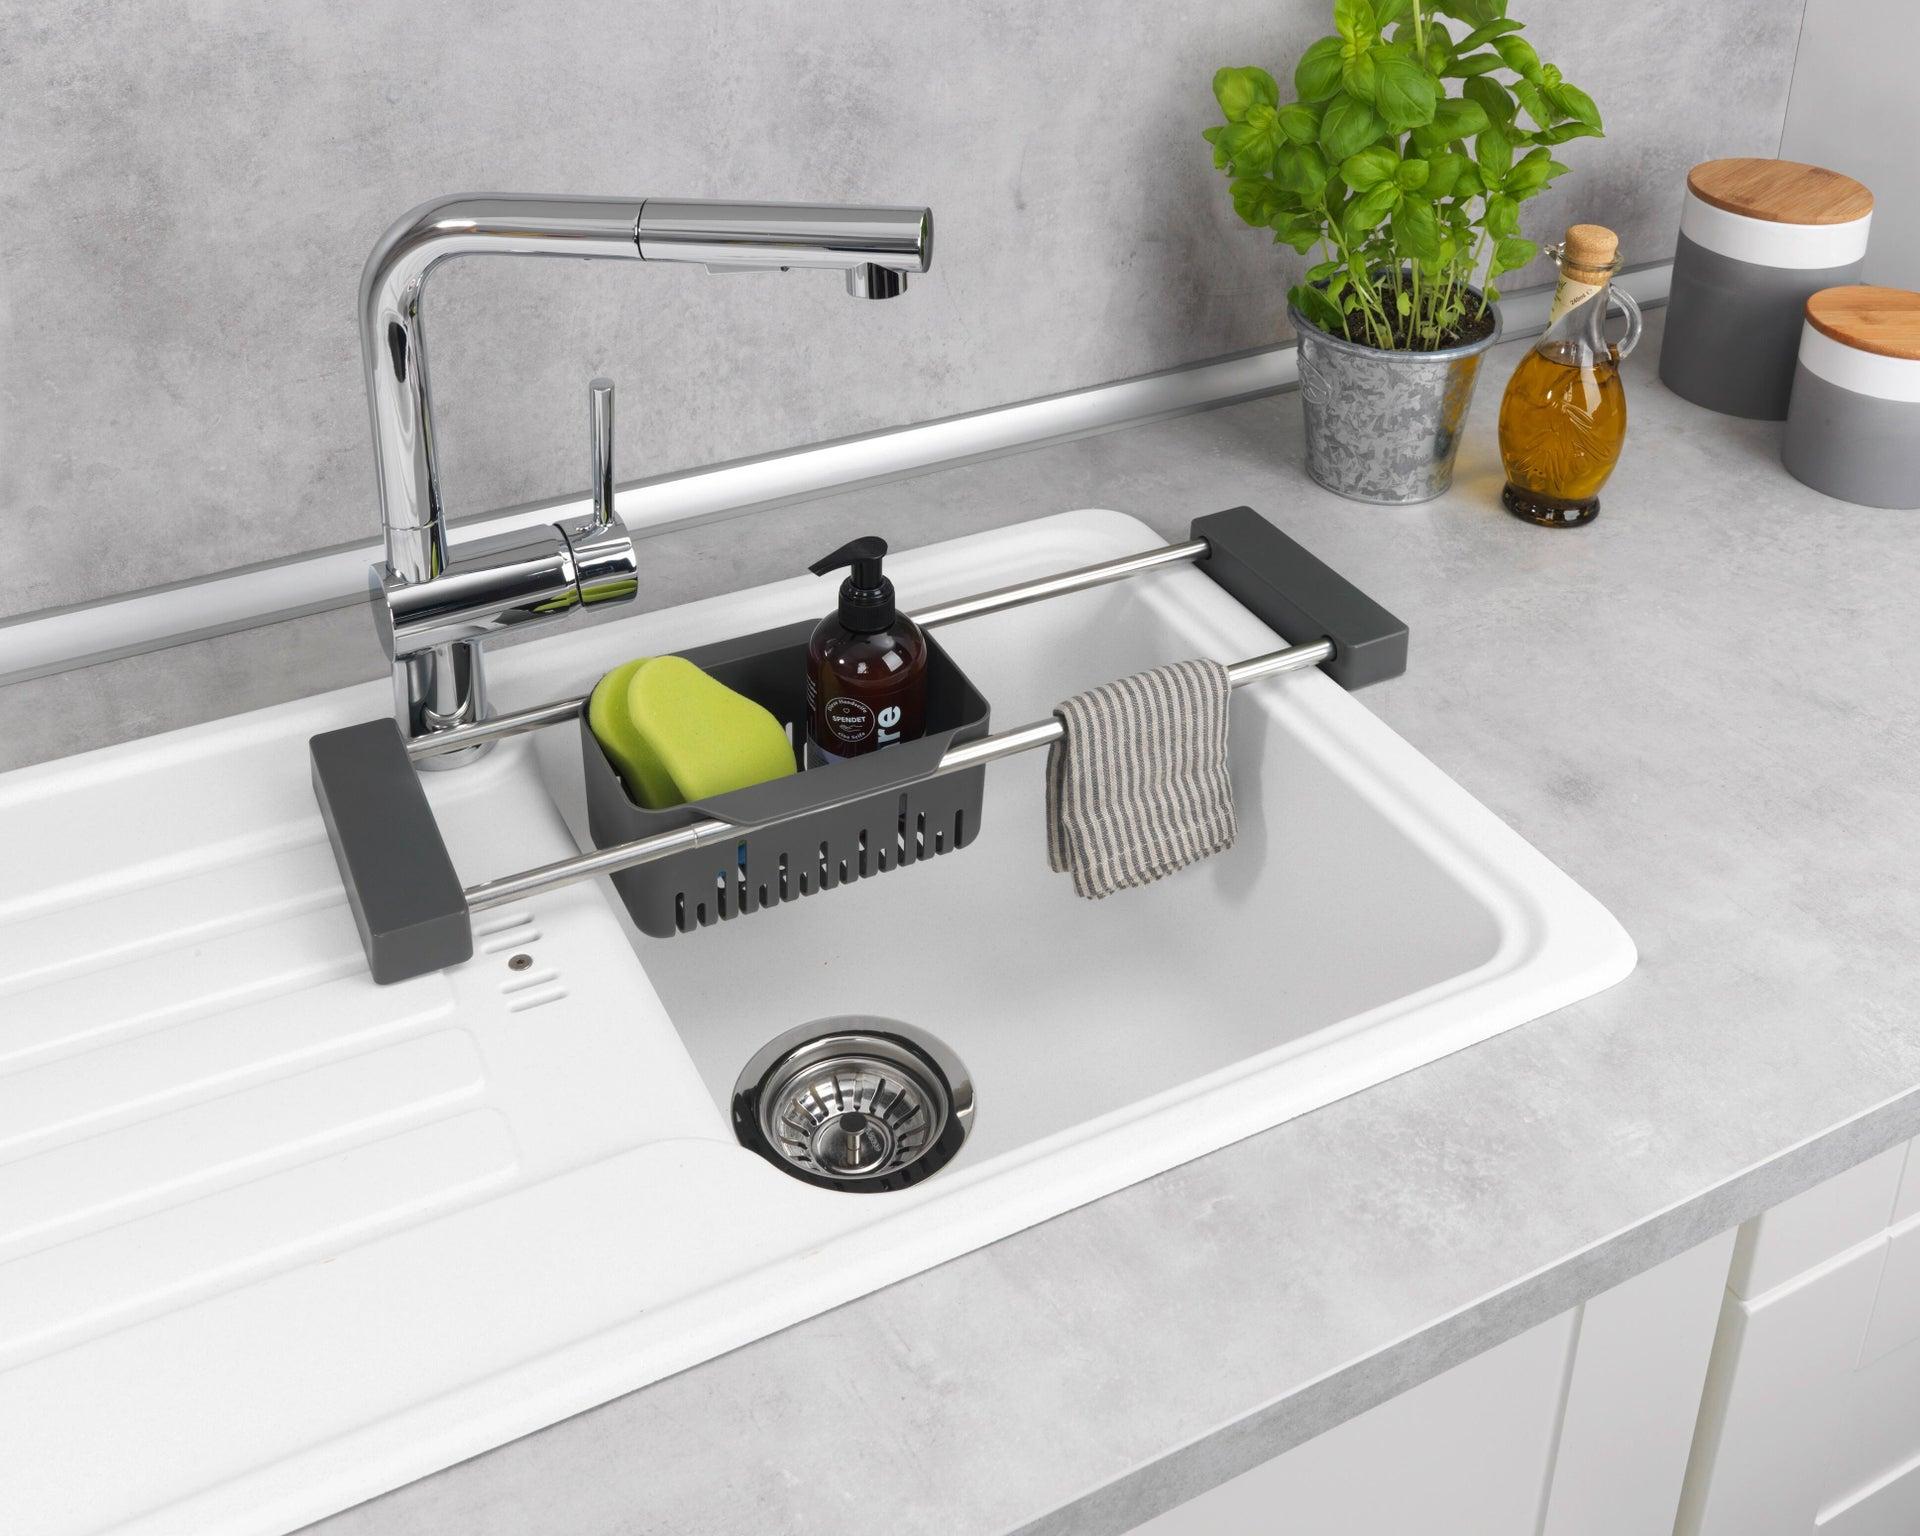 Vaschetta portaoggetti per lavello Cami per lavello grigio L 77.5 x P 14 x H 8 cm - 2